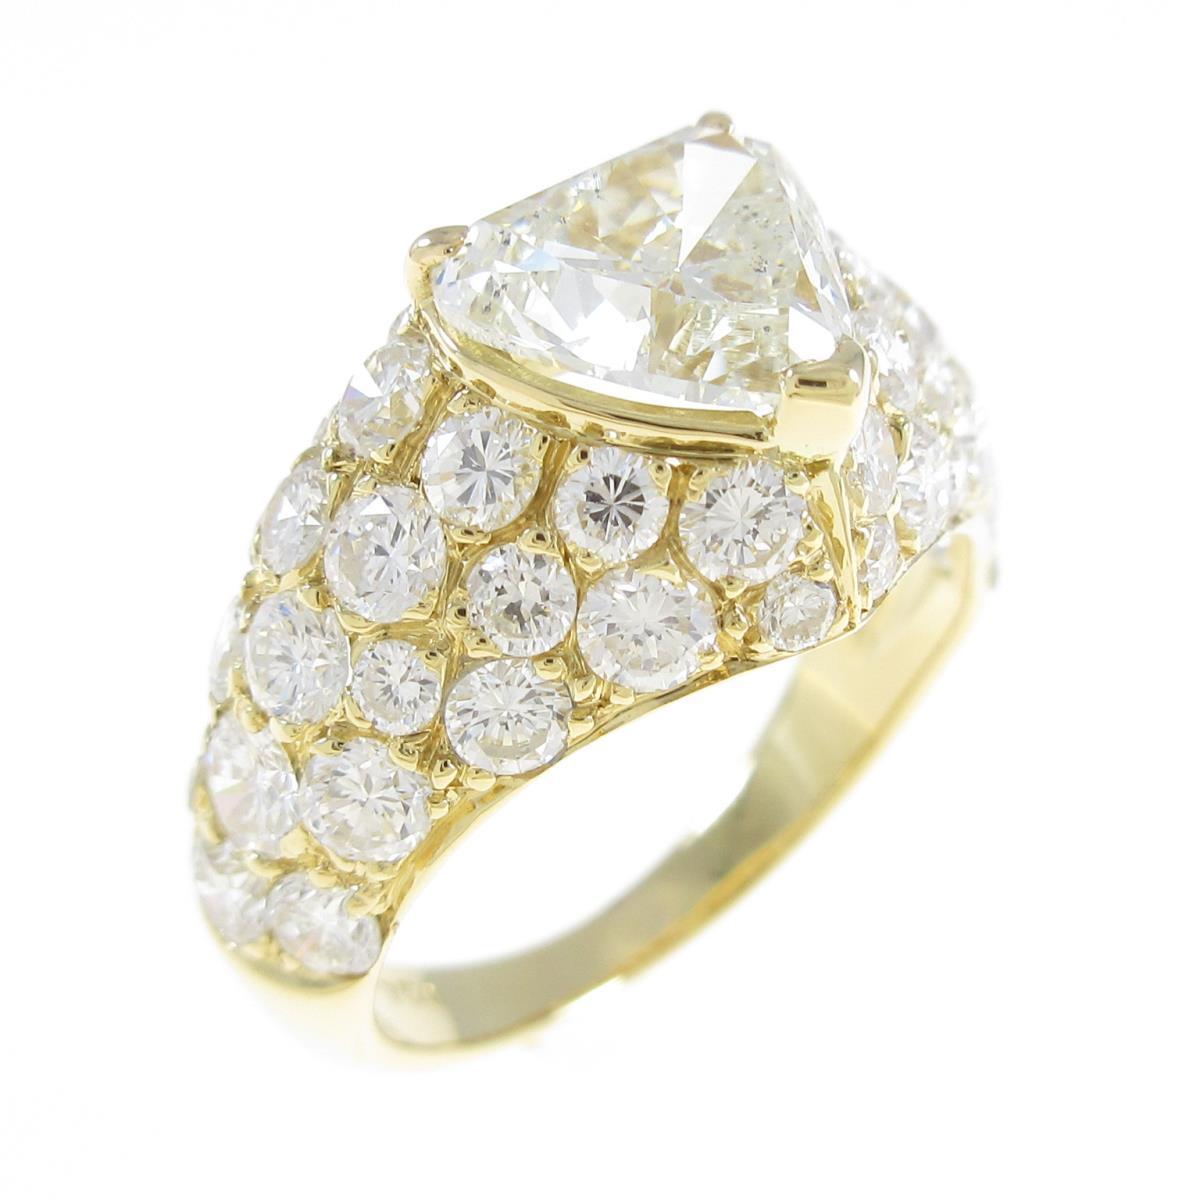 750YG ダイヤモンドリング 1.561ct・K・SI2・ハートシェイプ【中古】